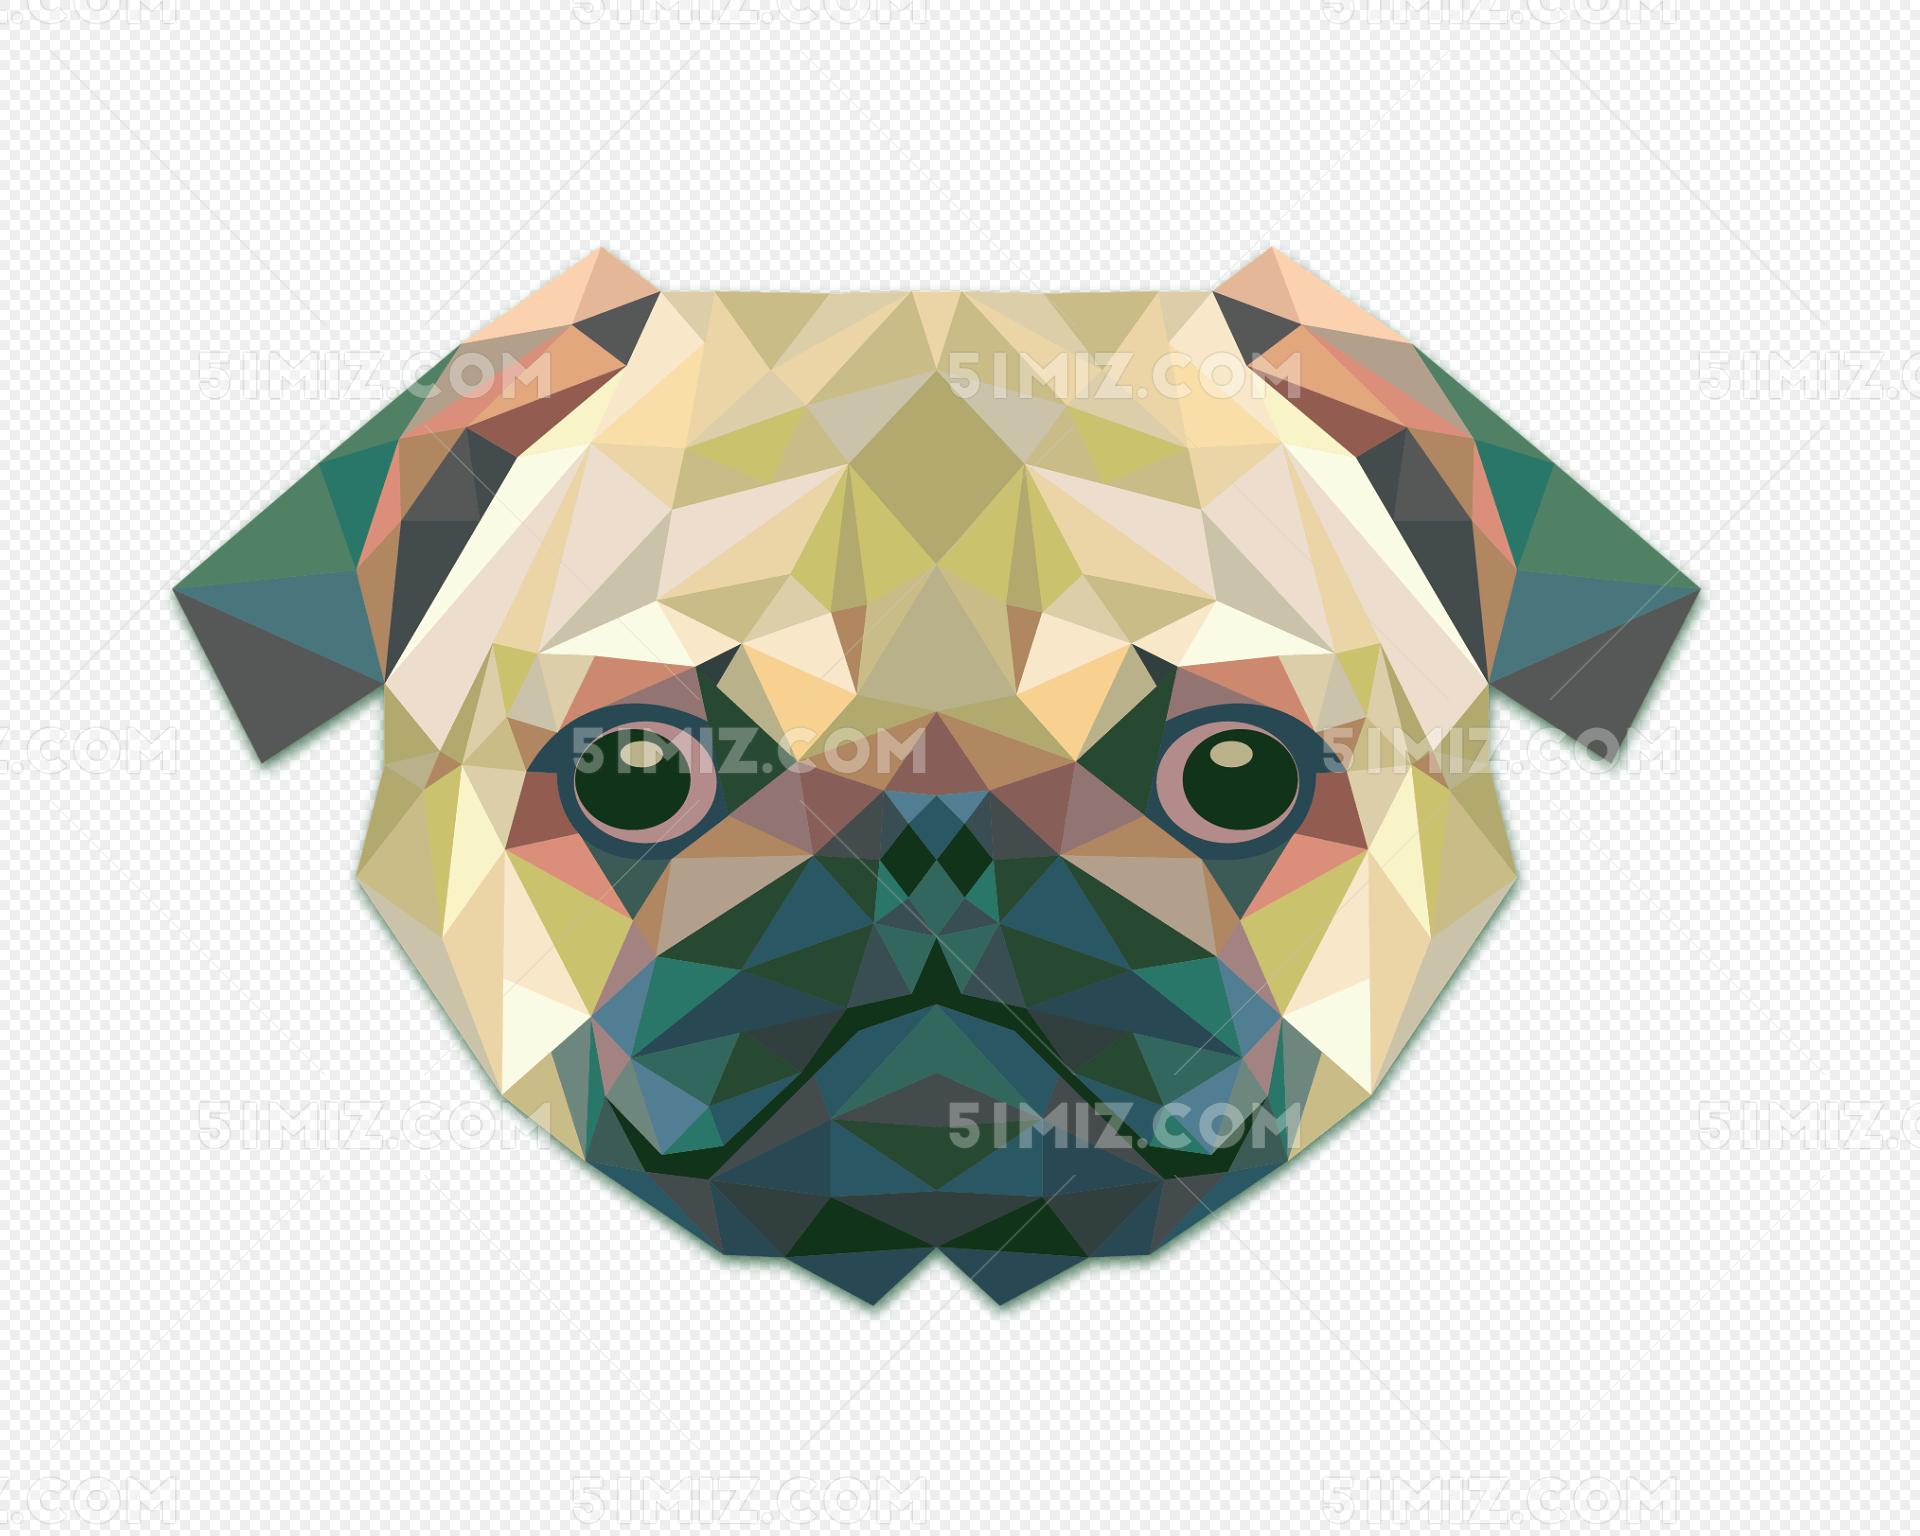 马赛克动物狗头像免费下载图片